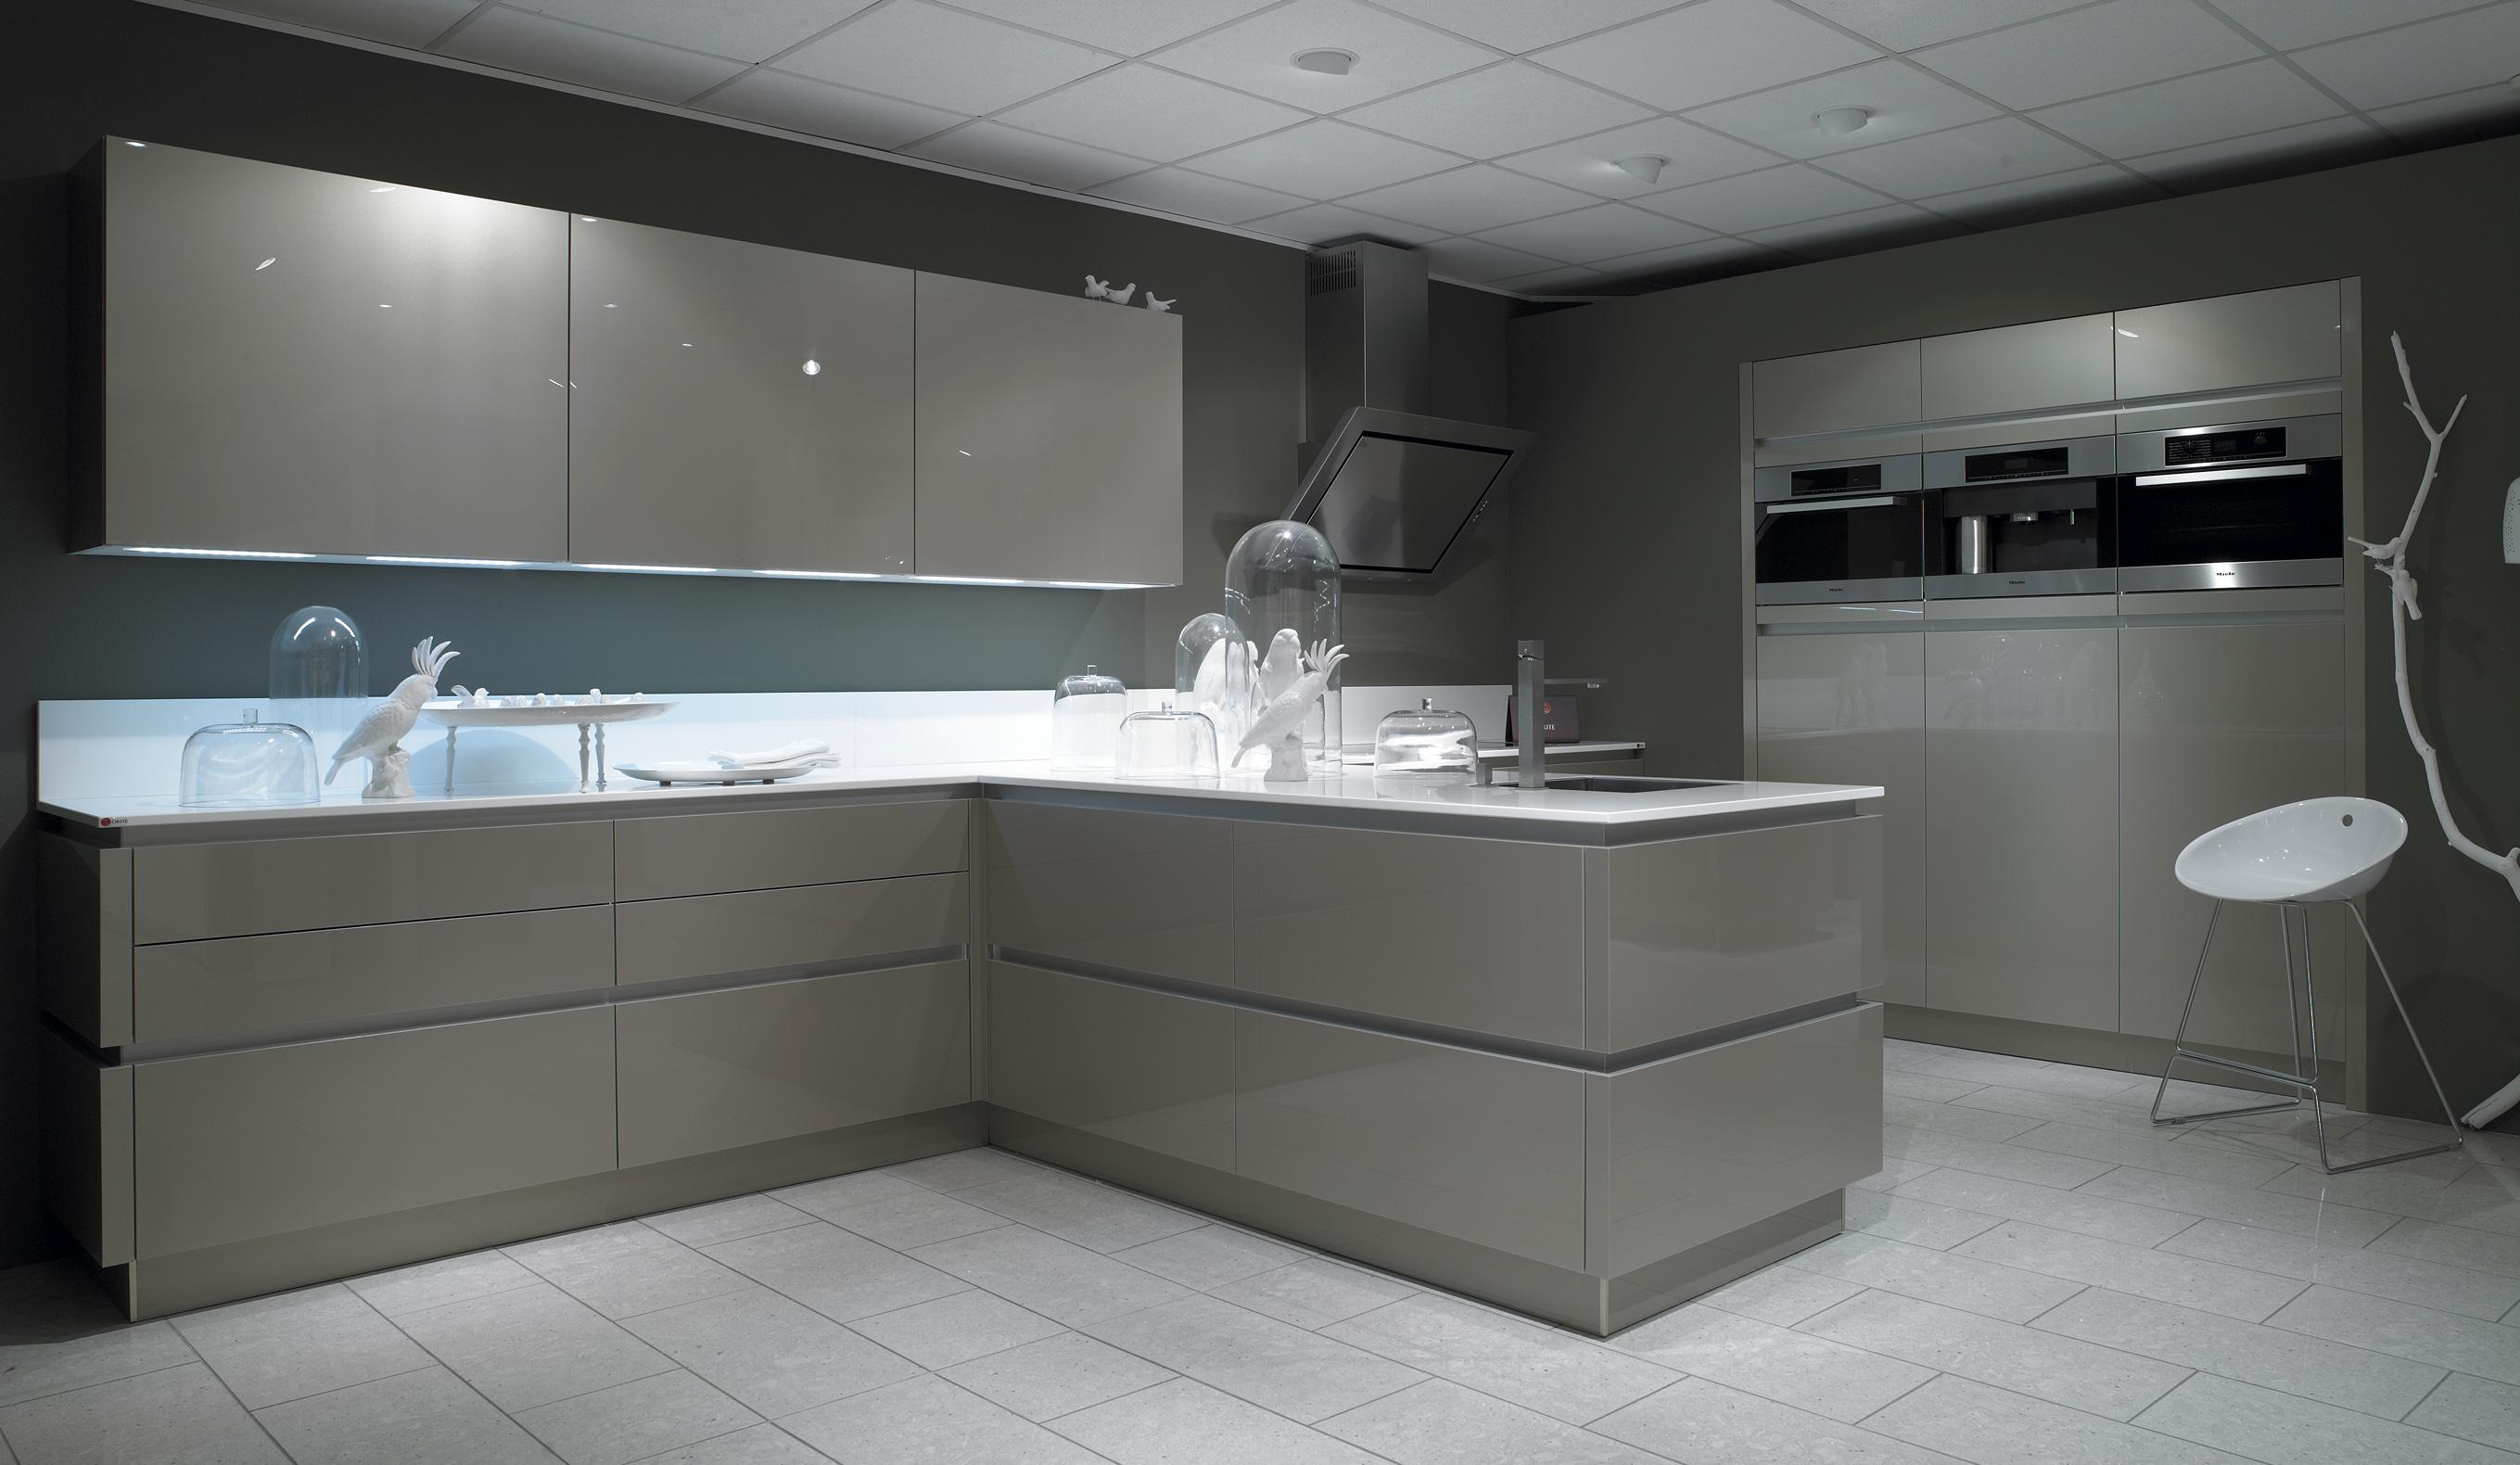 nouvelles portes pour 2013. Black Bedroom Furniture Sets. Home Design Ideas